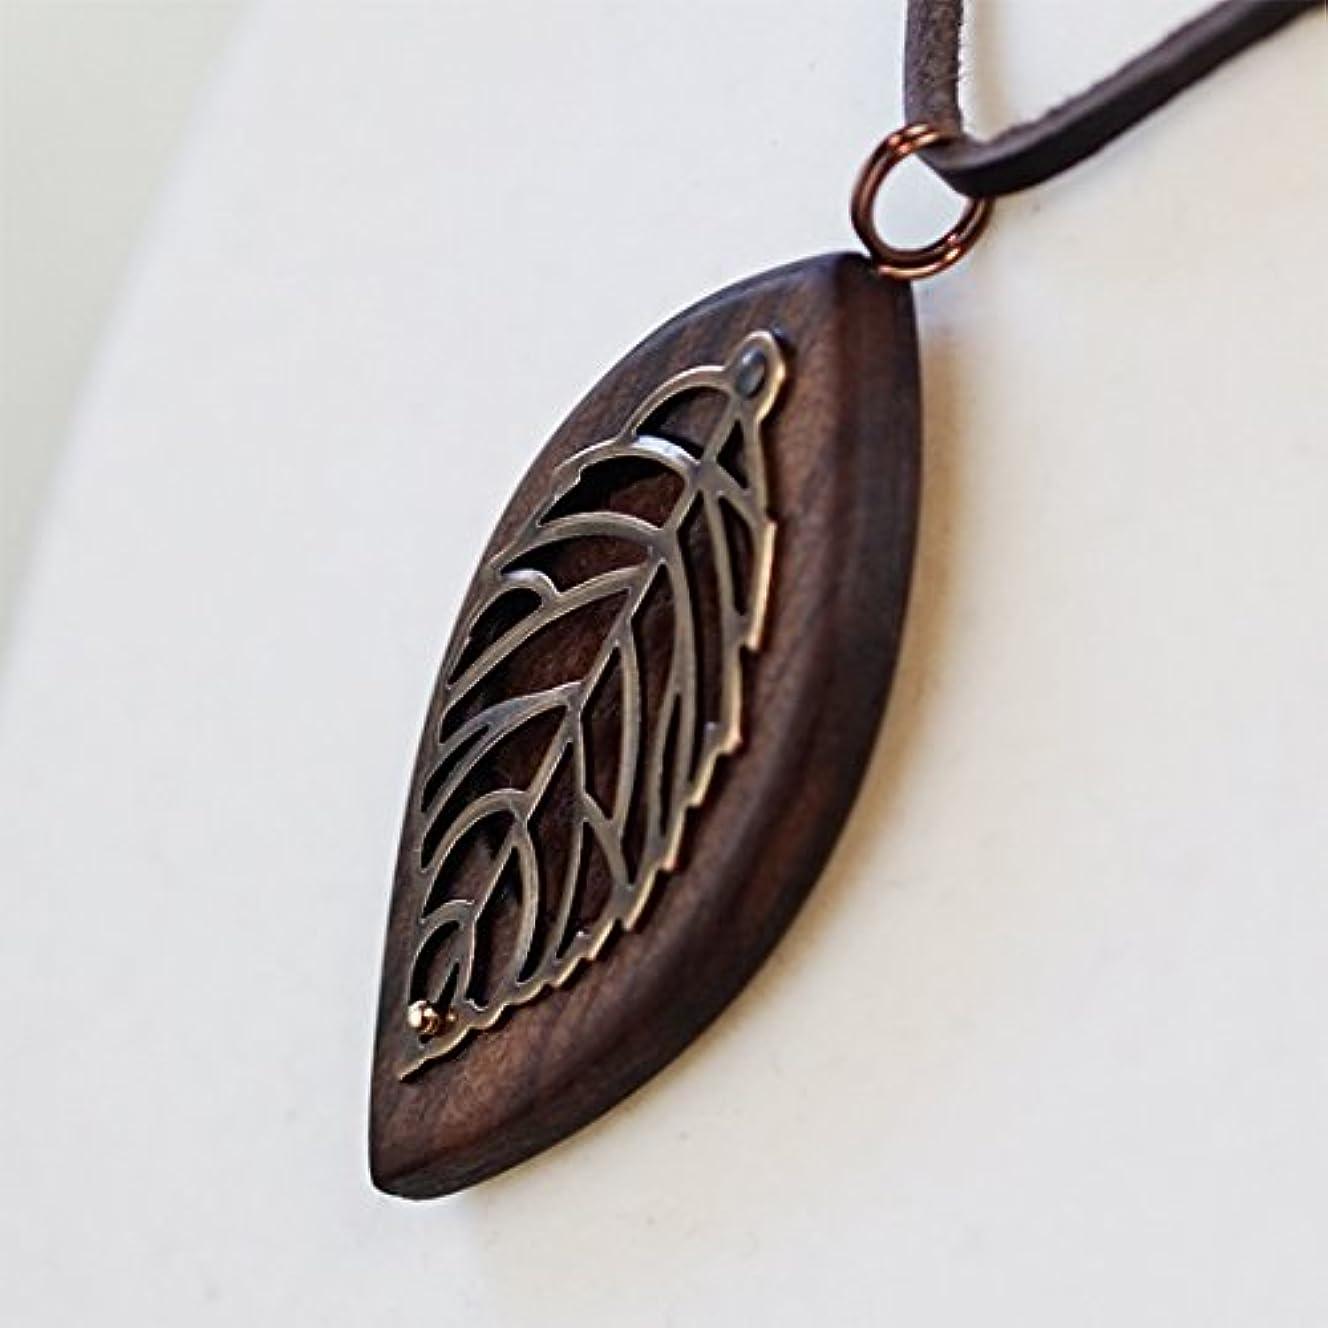 ペニーワックス鍔木製オリジナルアロマペンダント 【天使の小瓶】 木の葉(アンティークゴールド)